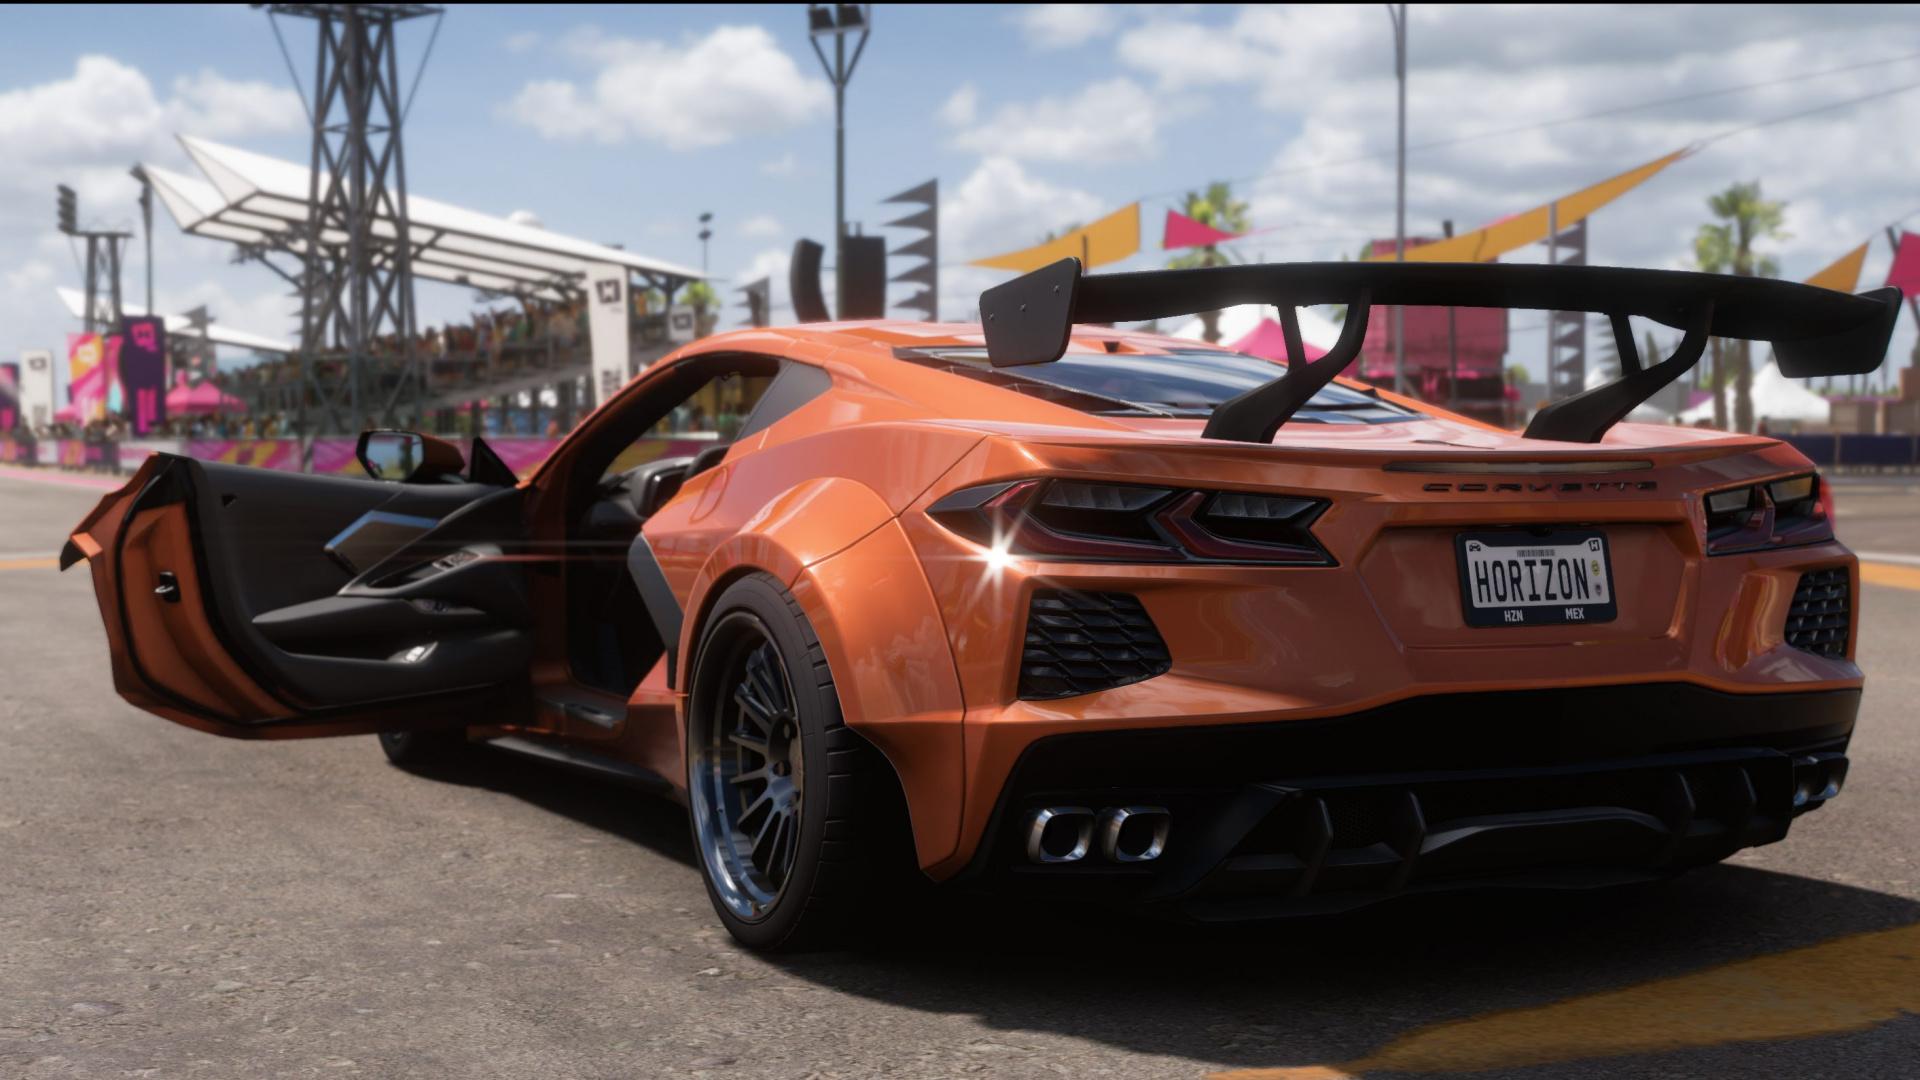 20 часов в Forza Horizon 5: почти обзор лучшей некстген-гонки этого года